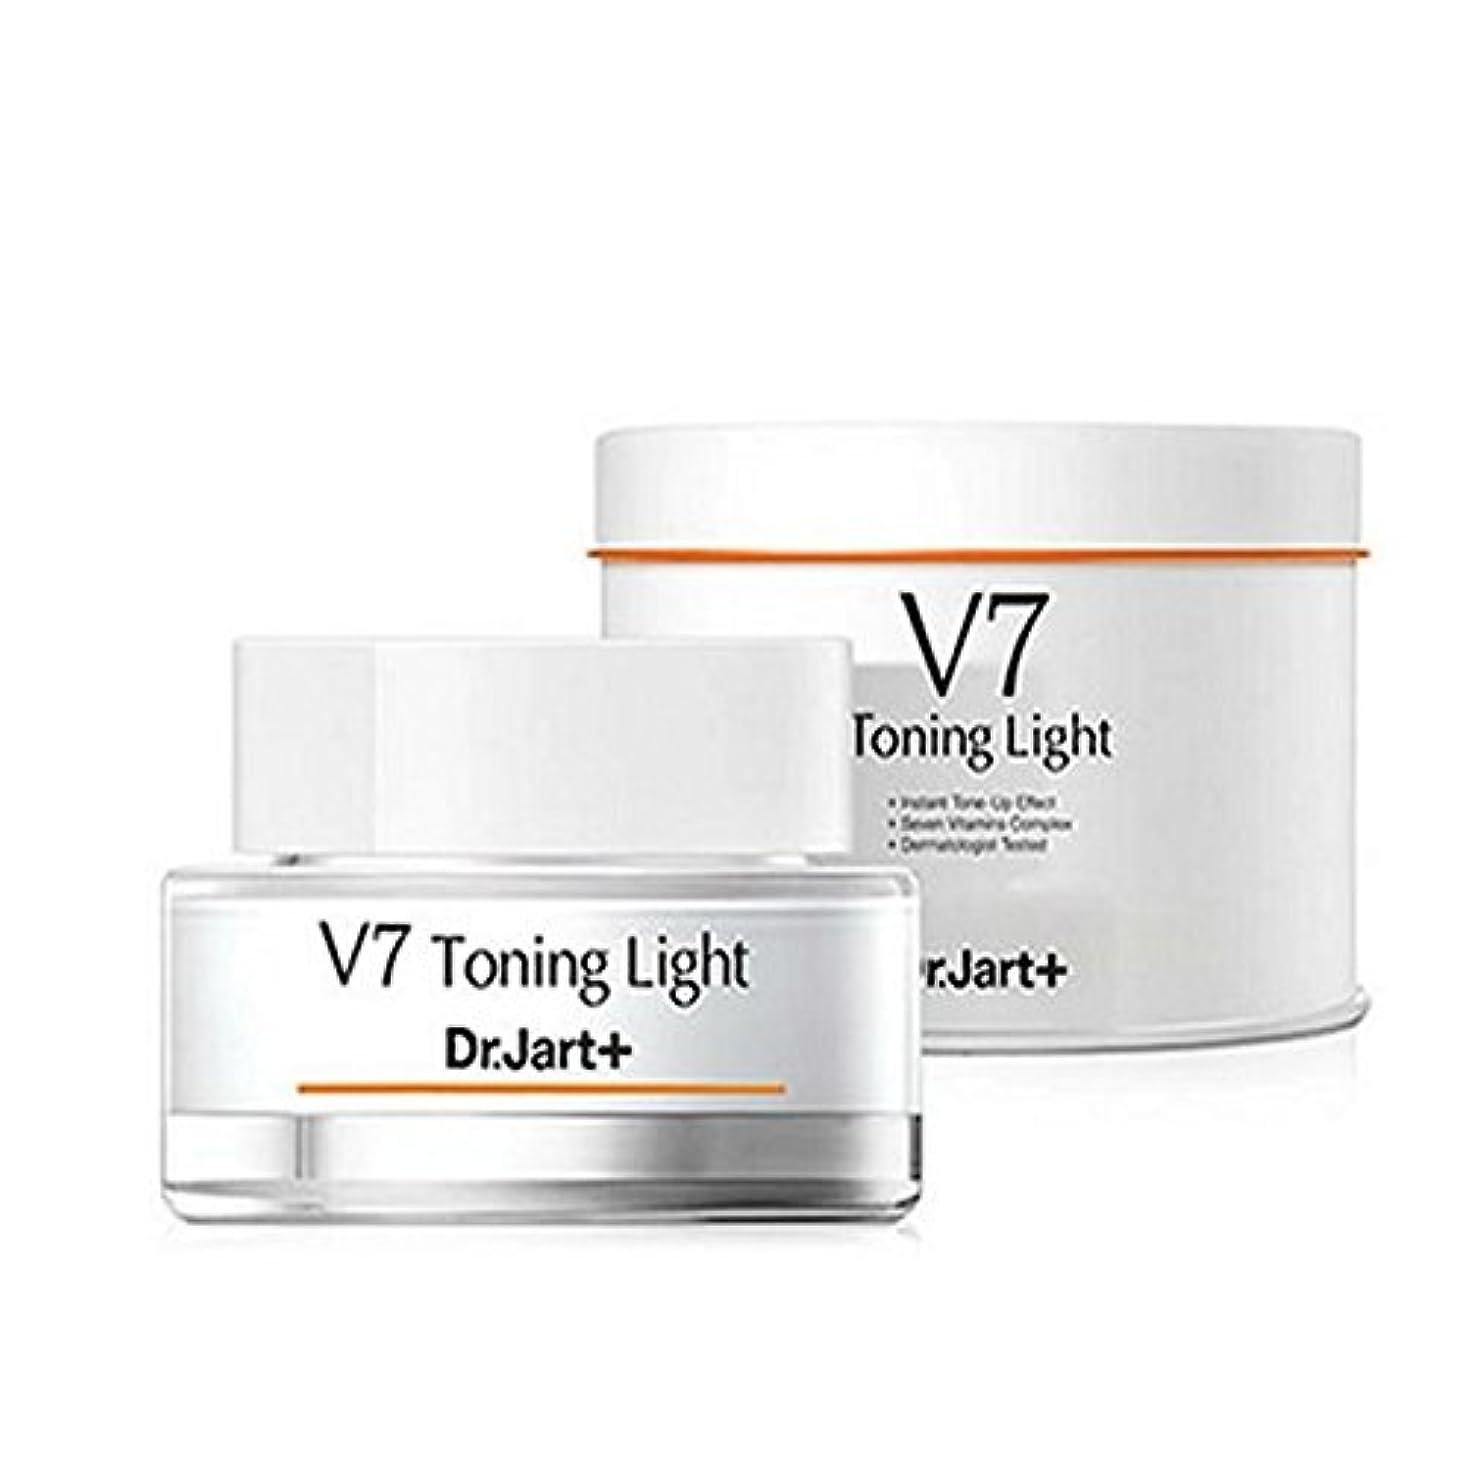 増強するスキッパー書道Dr. Jart /ドクタージャルト V7 トーニングライト/V7 Toning Lihgt 50ml/100% Authentic direct from Korea [並行輸入品]